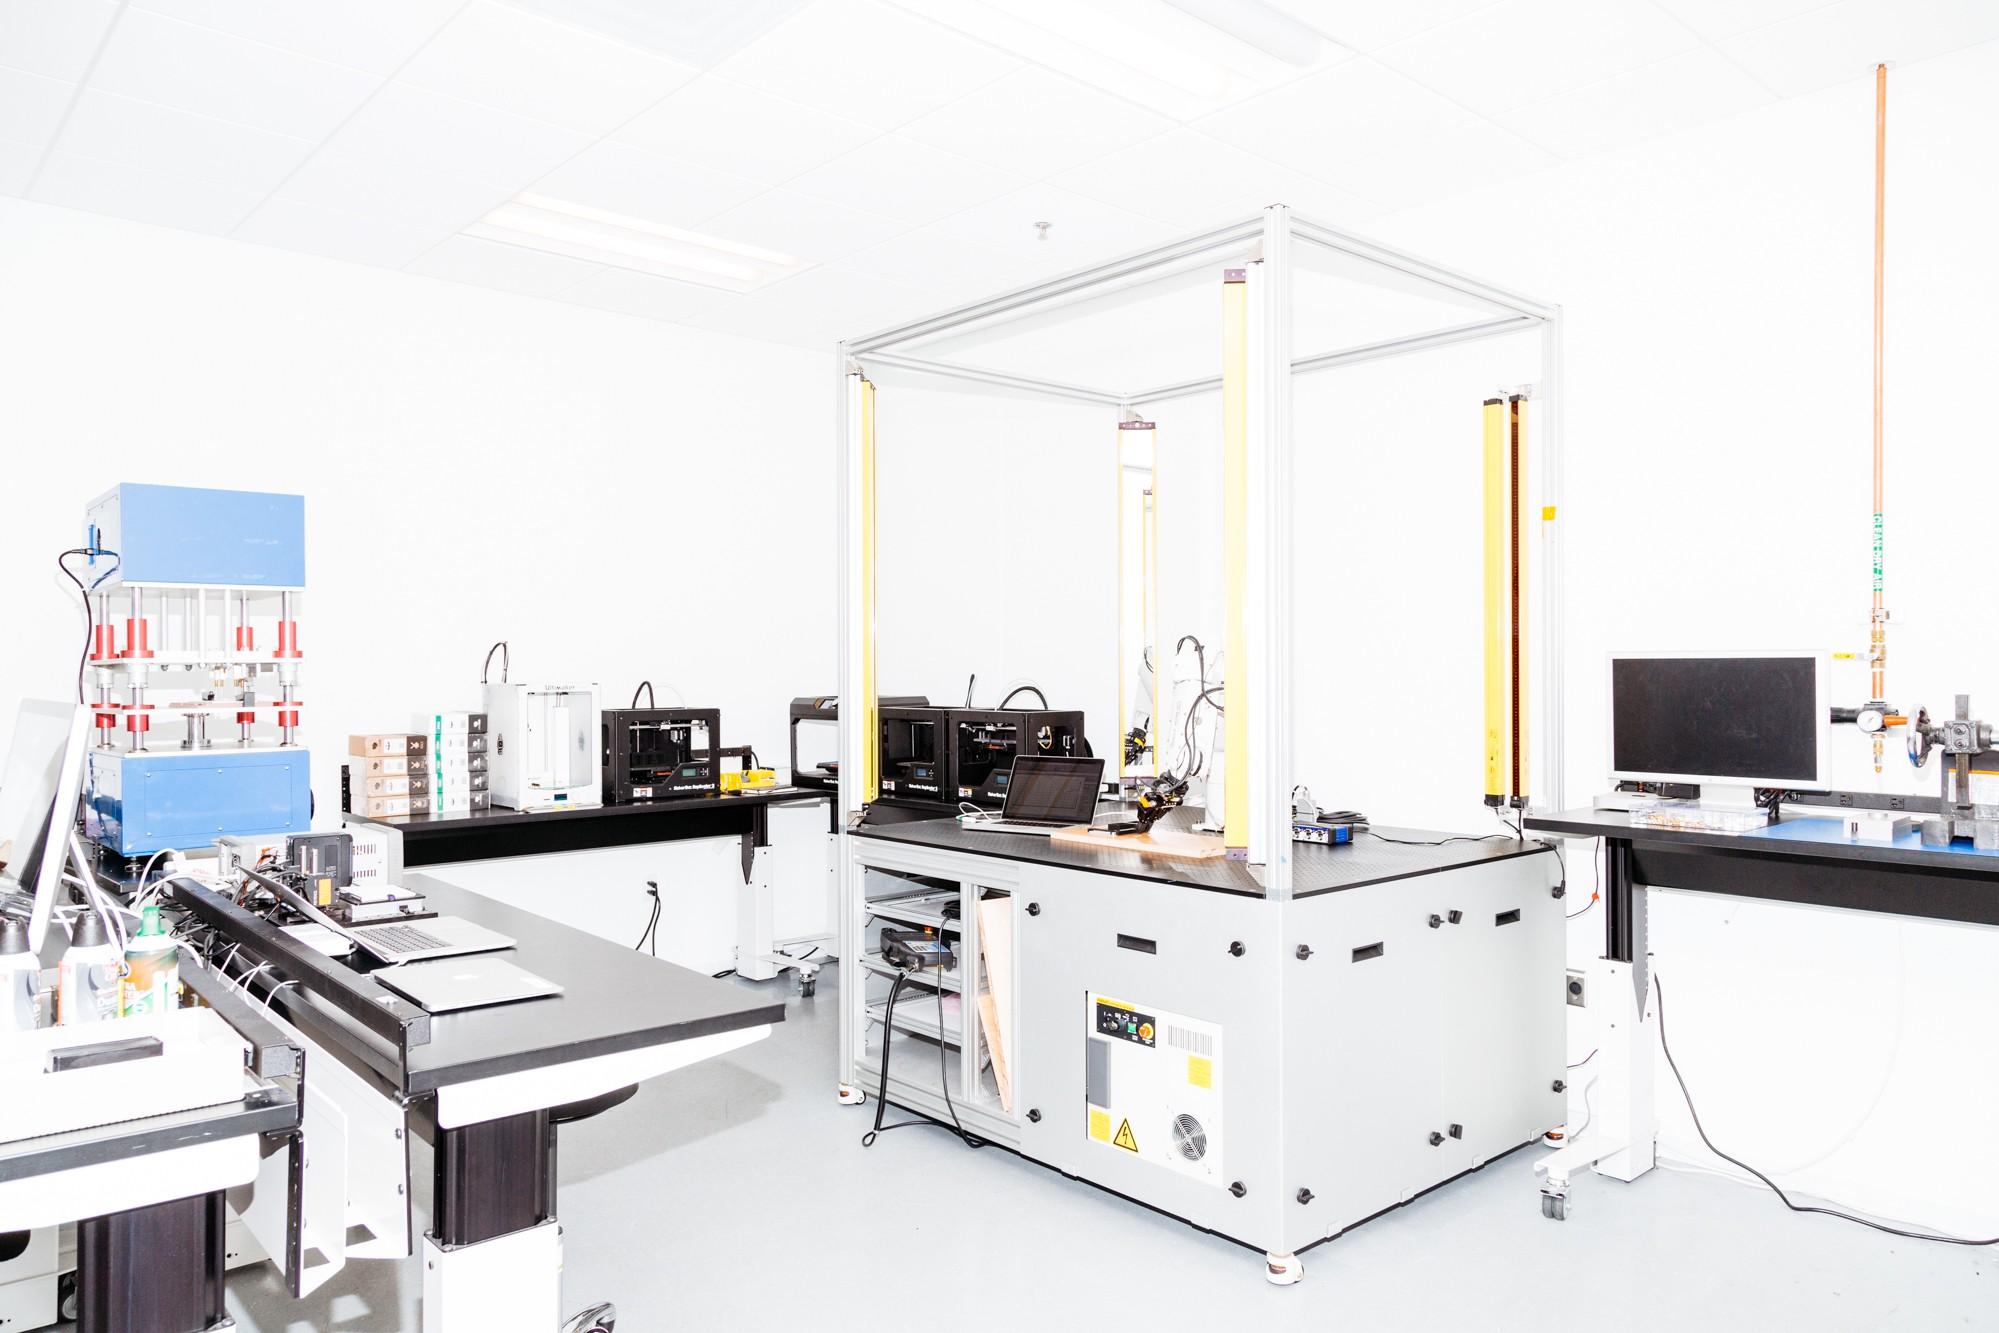 Laboratório da Apple